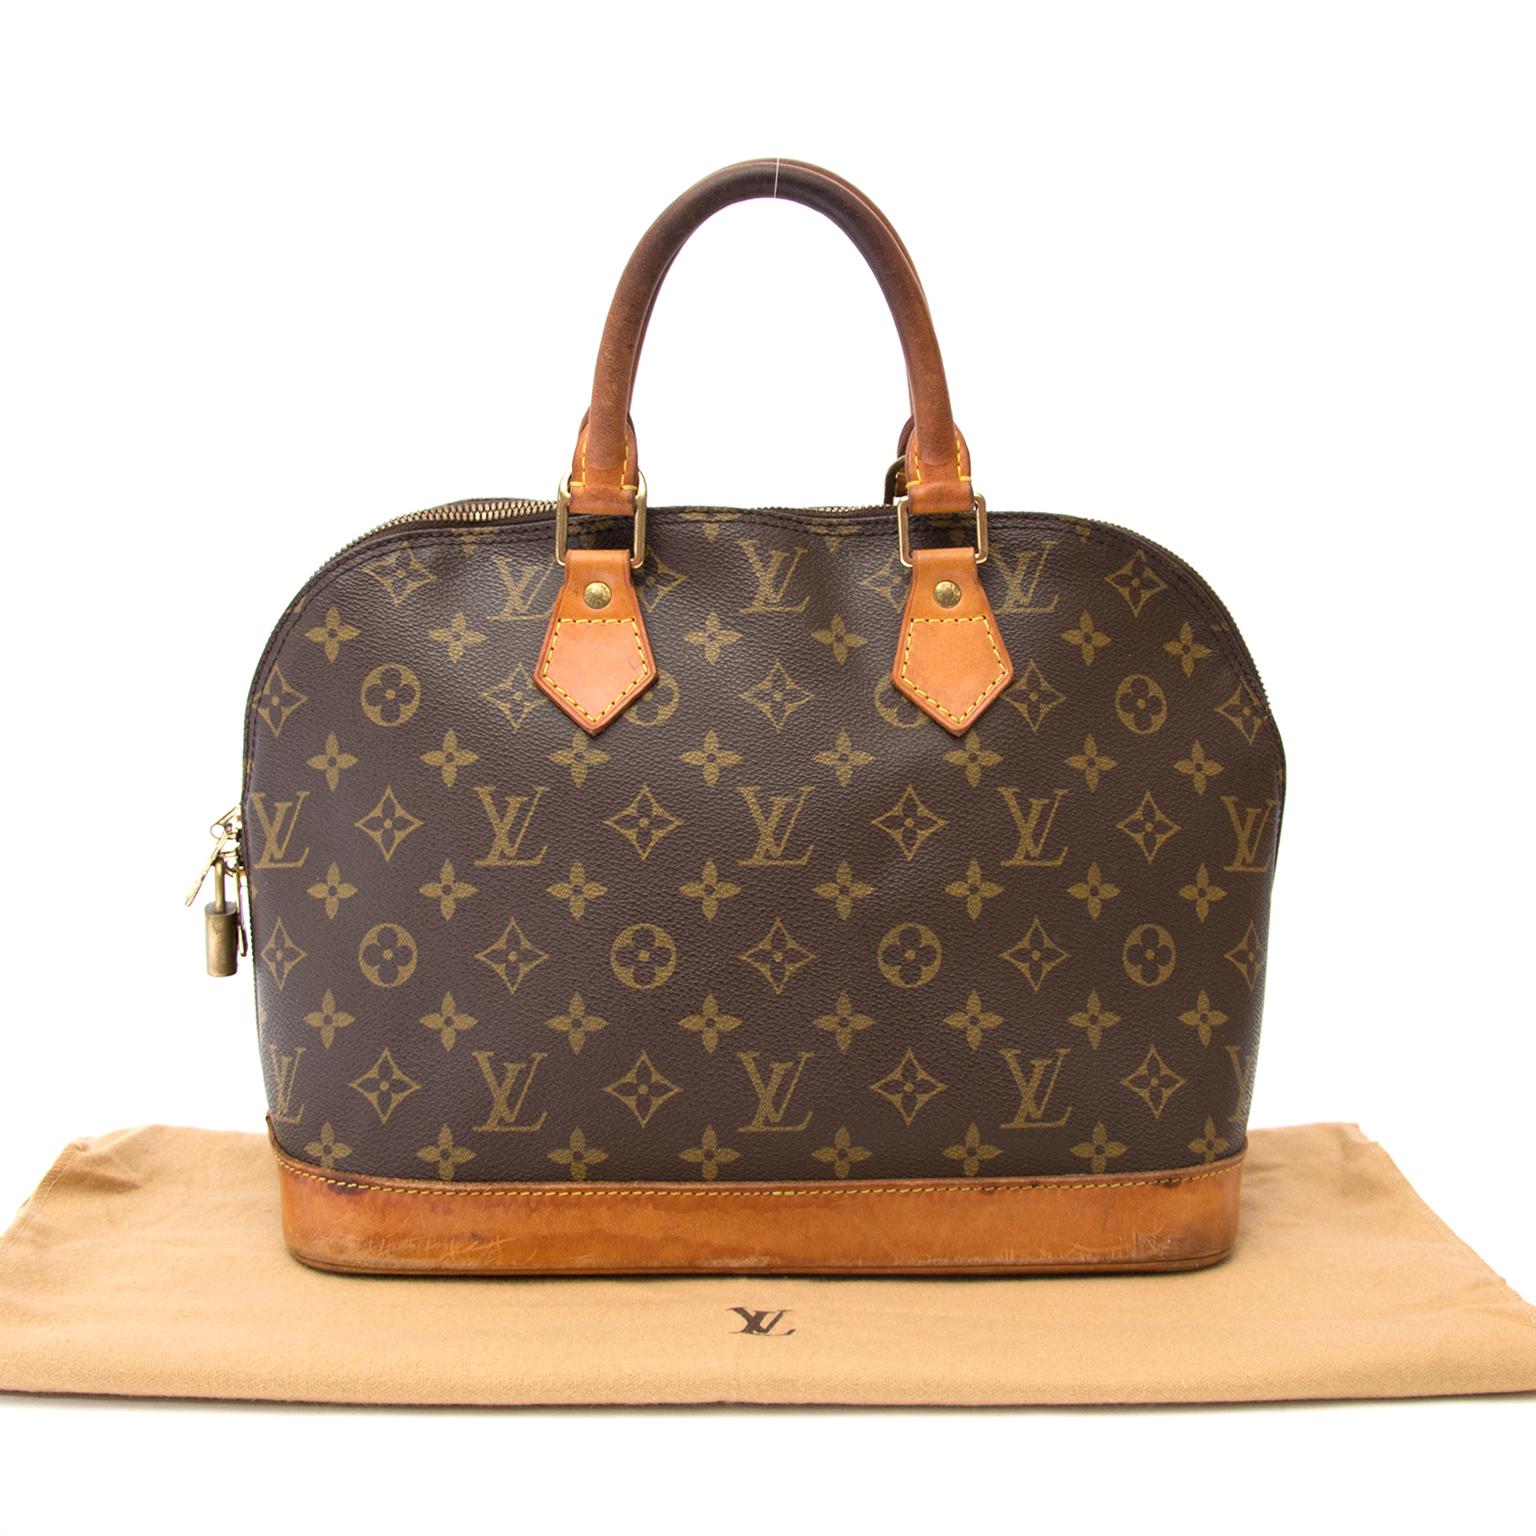 koop veilig online aan de beste prijs jou tweedehands desiger Vintage Louis Vuitton PM Alma voor de beste prijs